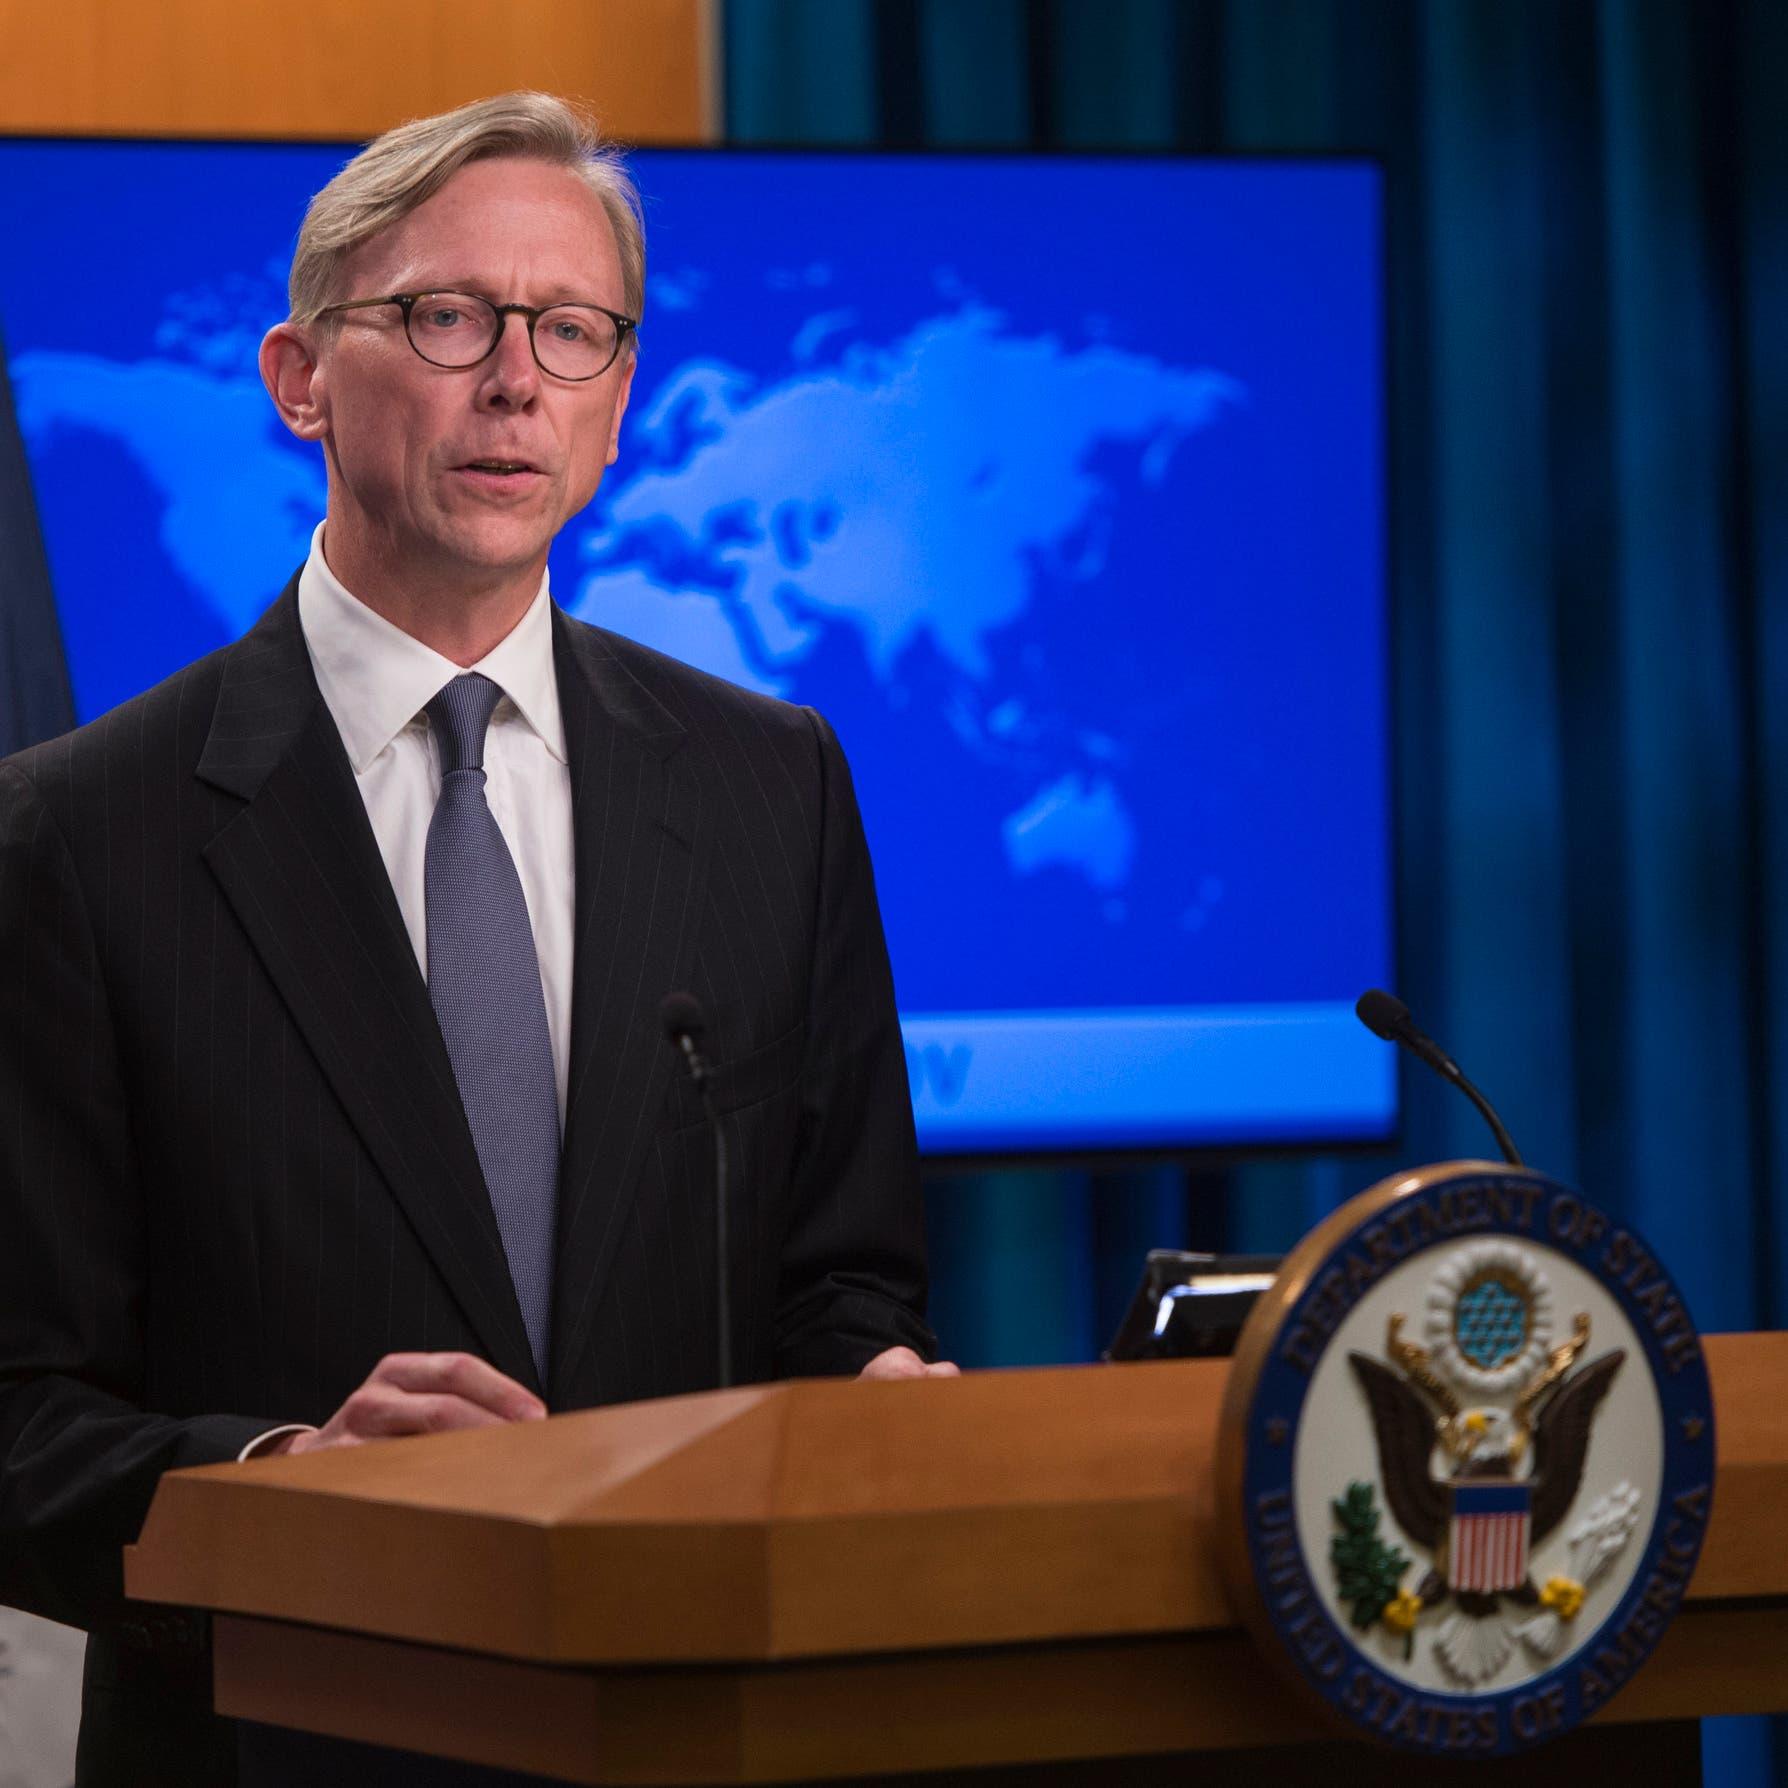 هوك: واشنطن تريد التفاوض على اتفاق جديد مع إيران